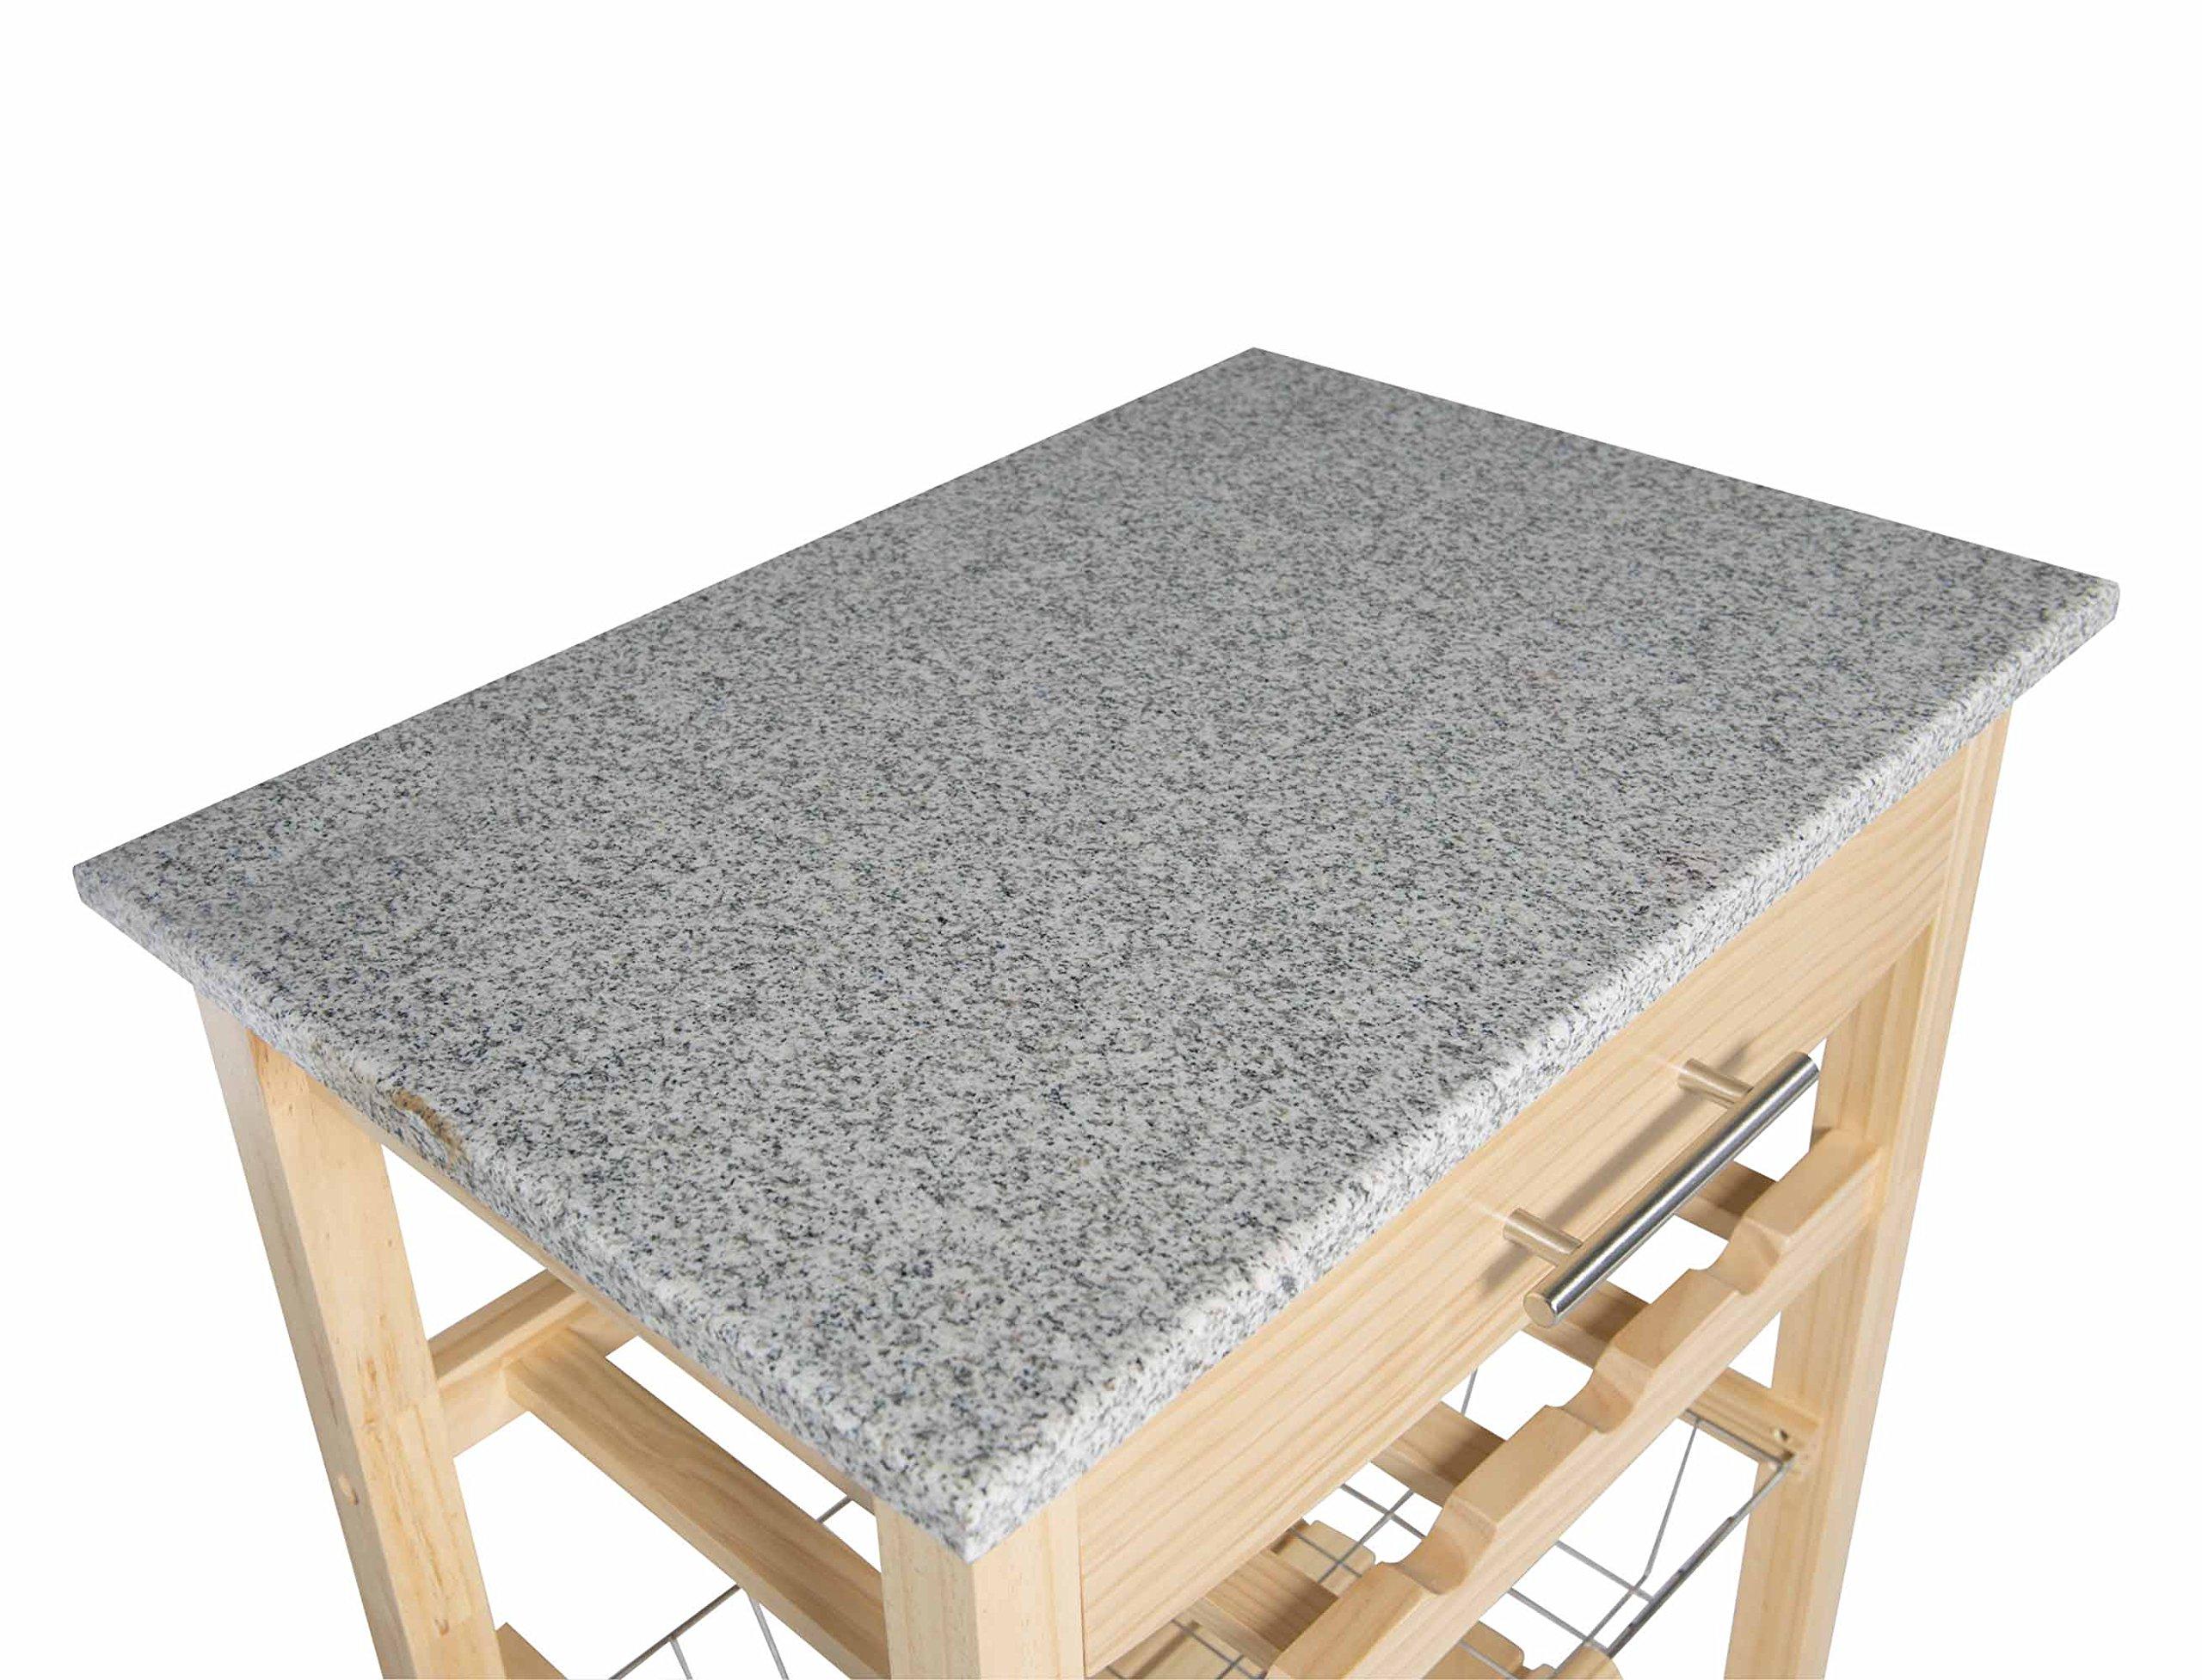 Linon Kitchen Island Granite Top by Linon (Image #4)